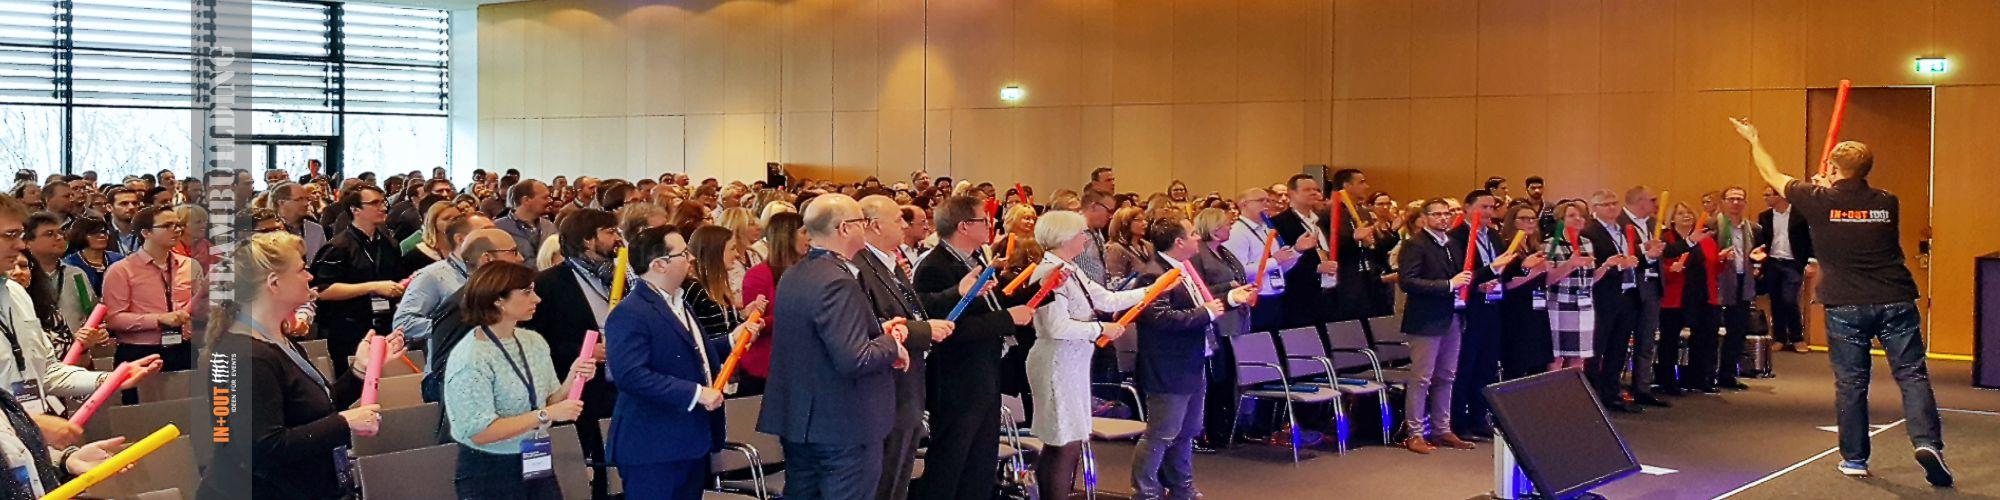 Ideen für Team Events - Bommwhacker Incentive - Lufthansa 550 Teilnehmer - Karlsruhe